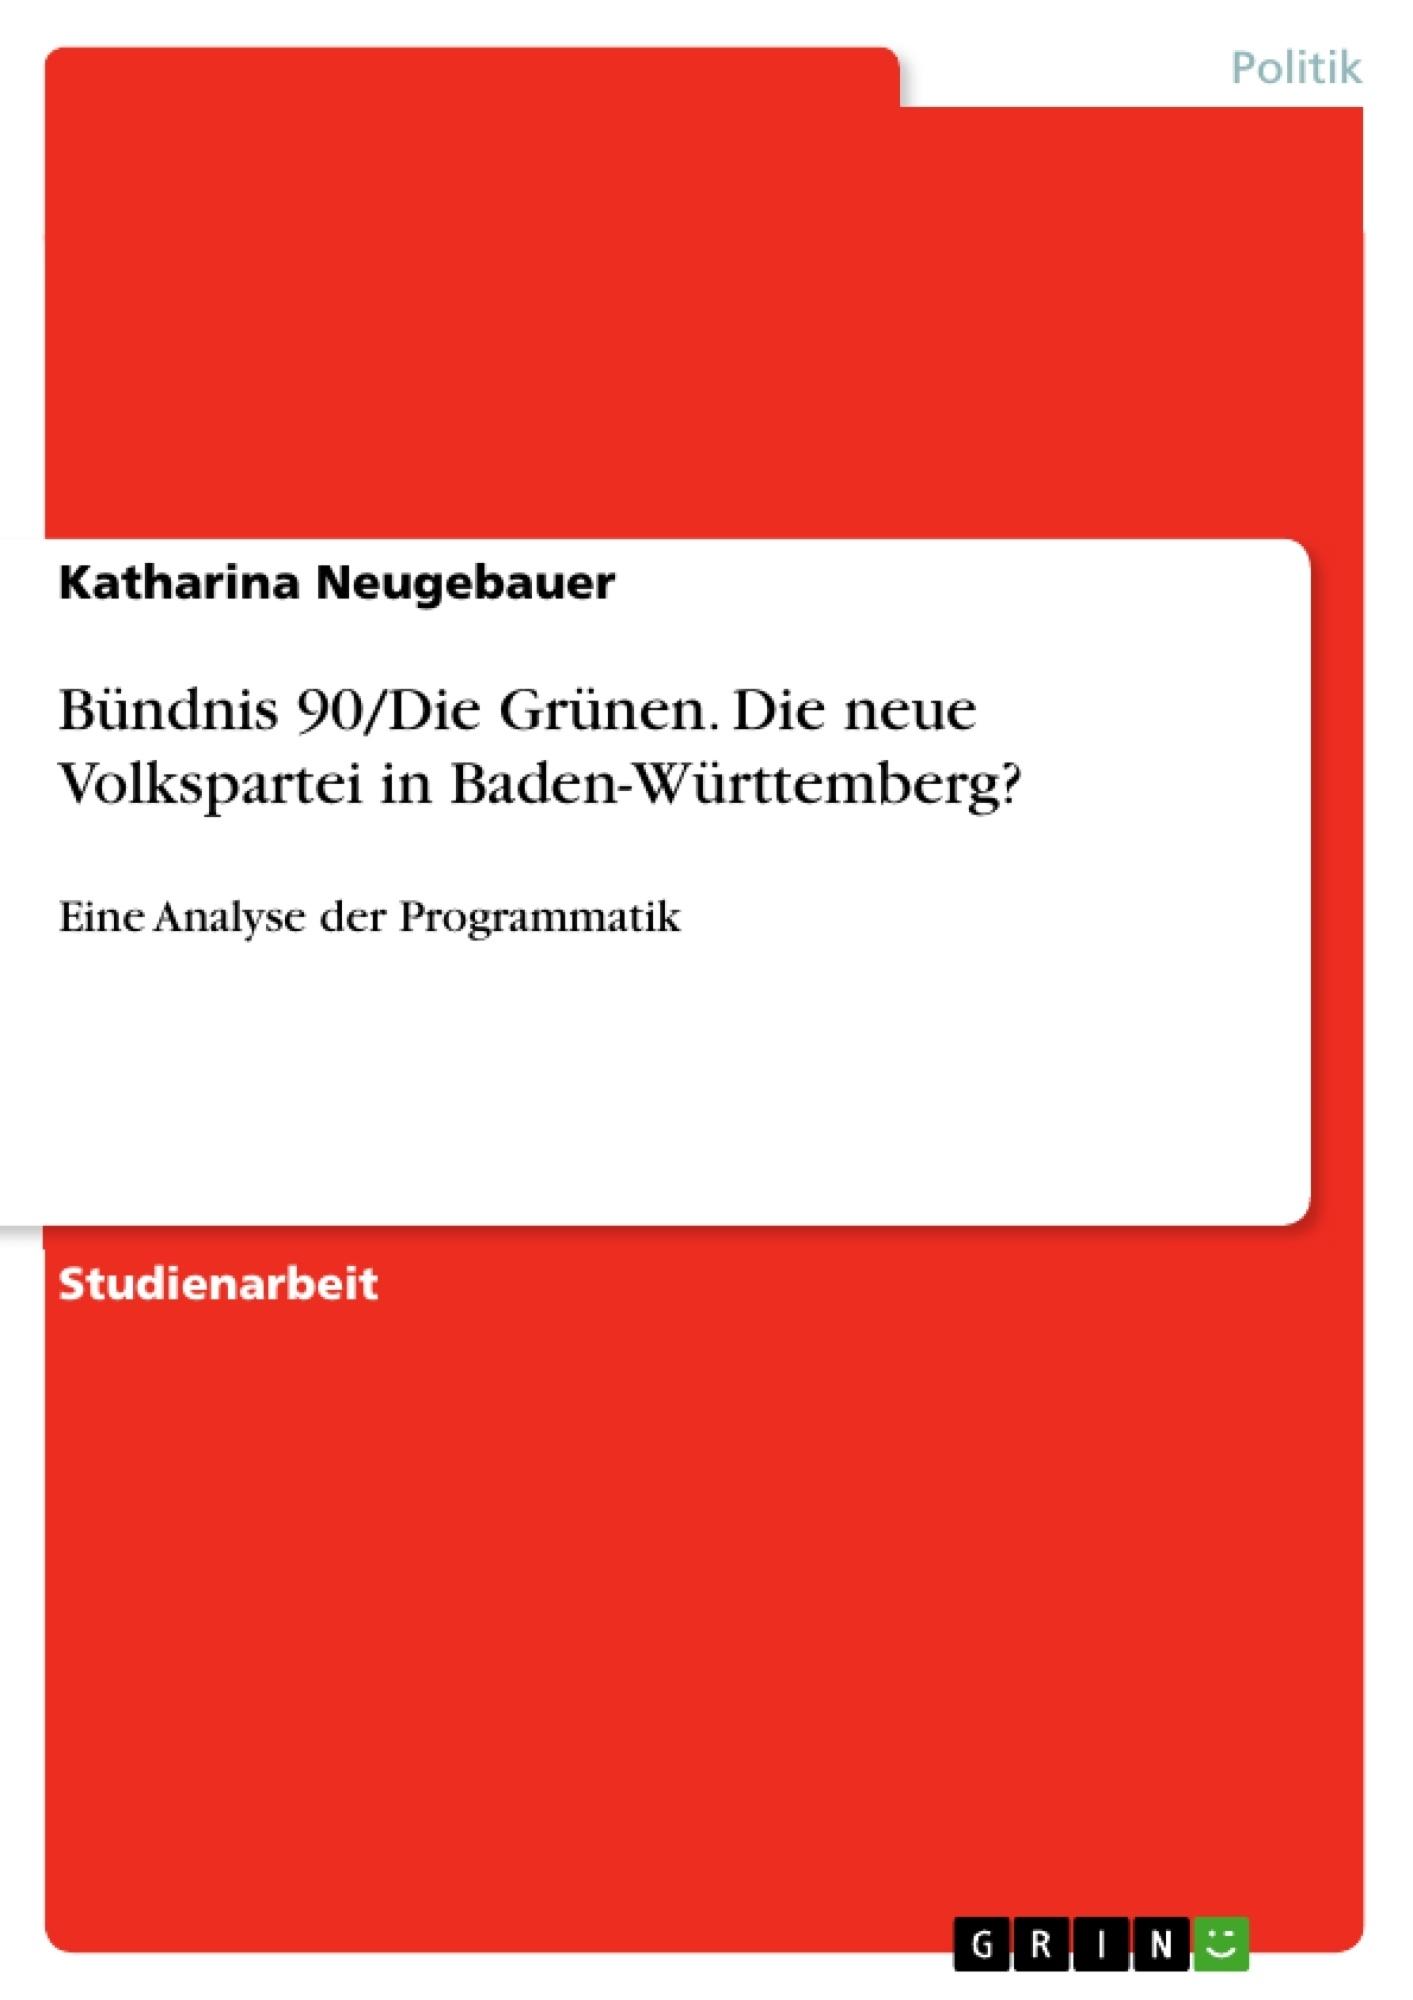 Titel: Bündnis 90/Die Grünen. Die neue Volkspartei in Baden-Württemberg?